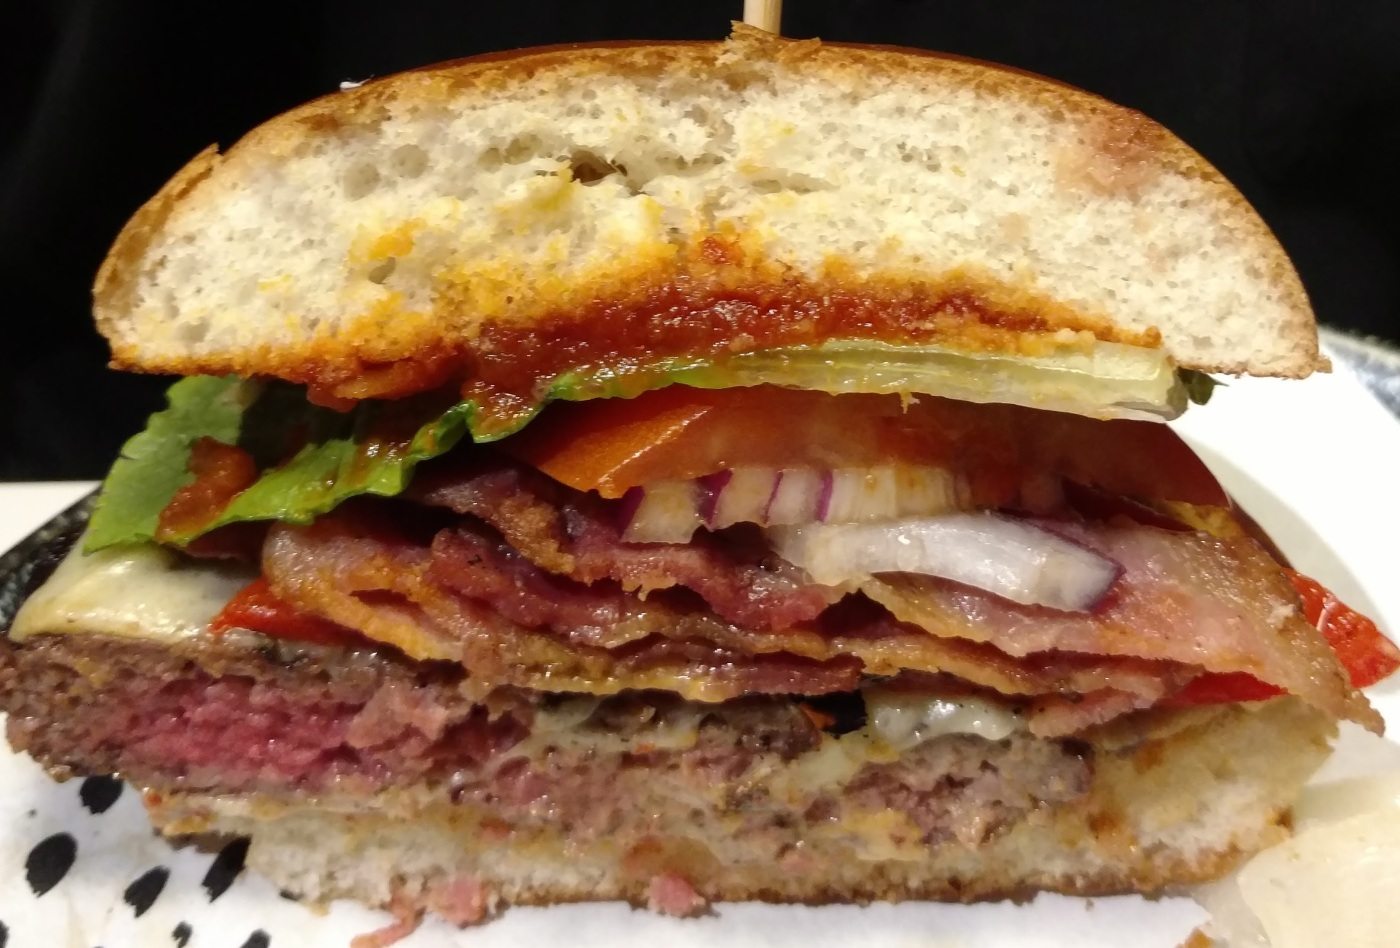 Brisk_burger